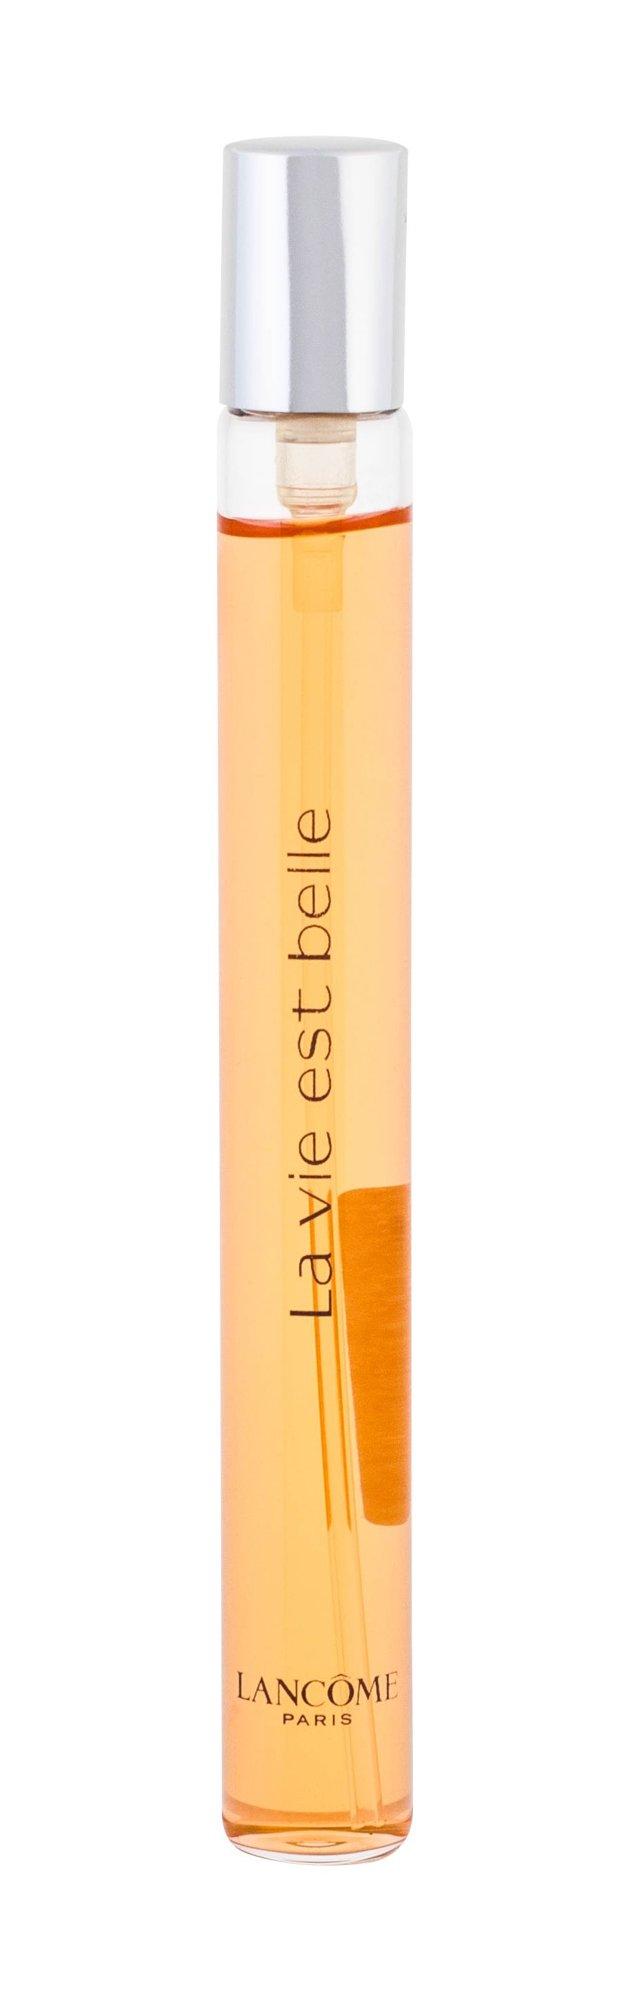 Lancôme La Vie Est Belle Eau de Parfum 10ml